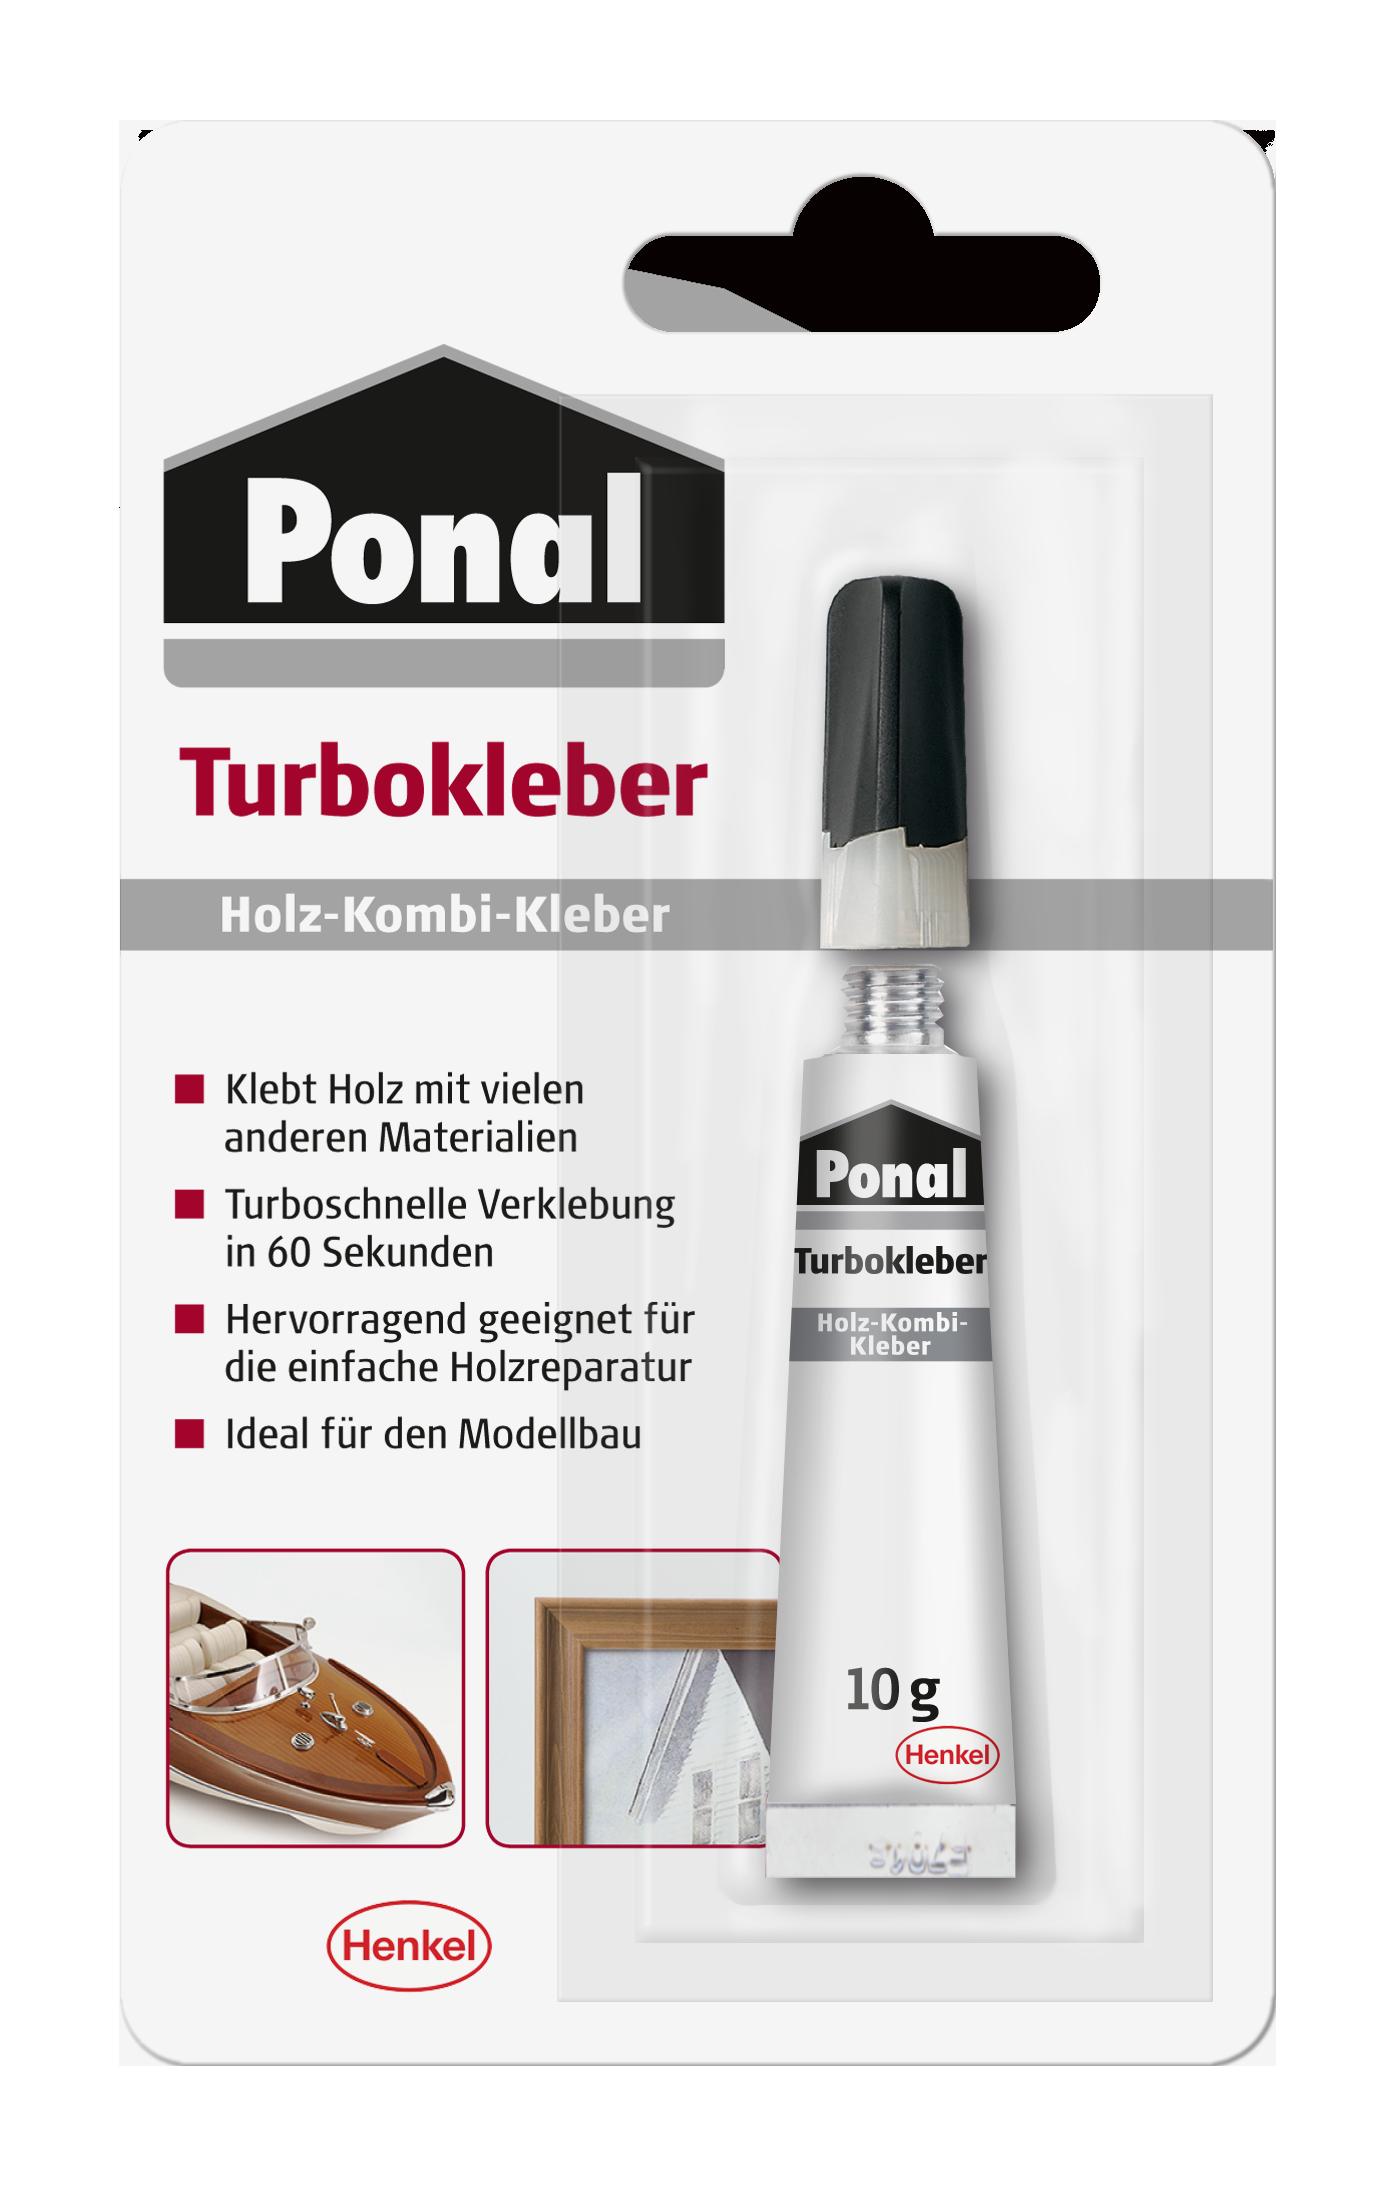 Ponal Turbokleber